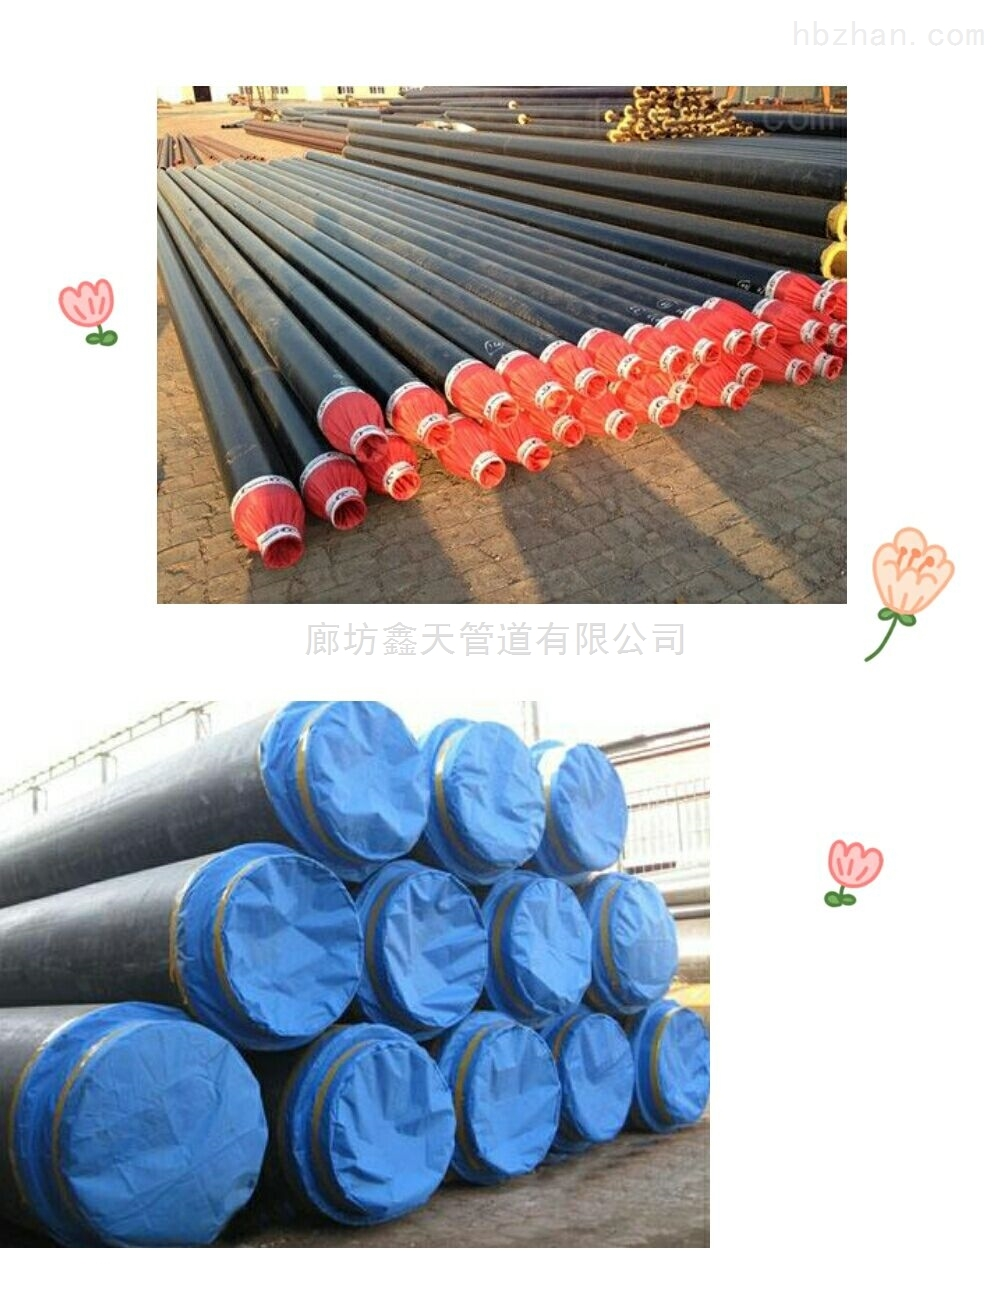 聚氨酯保温管478*5 聚乙烯夹克管